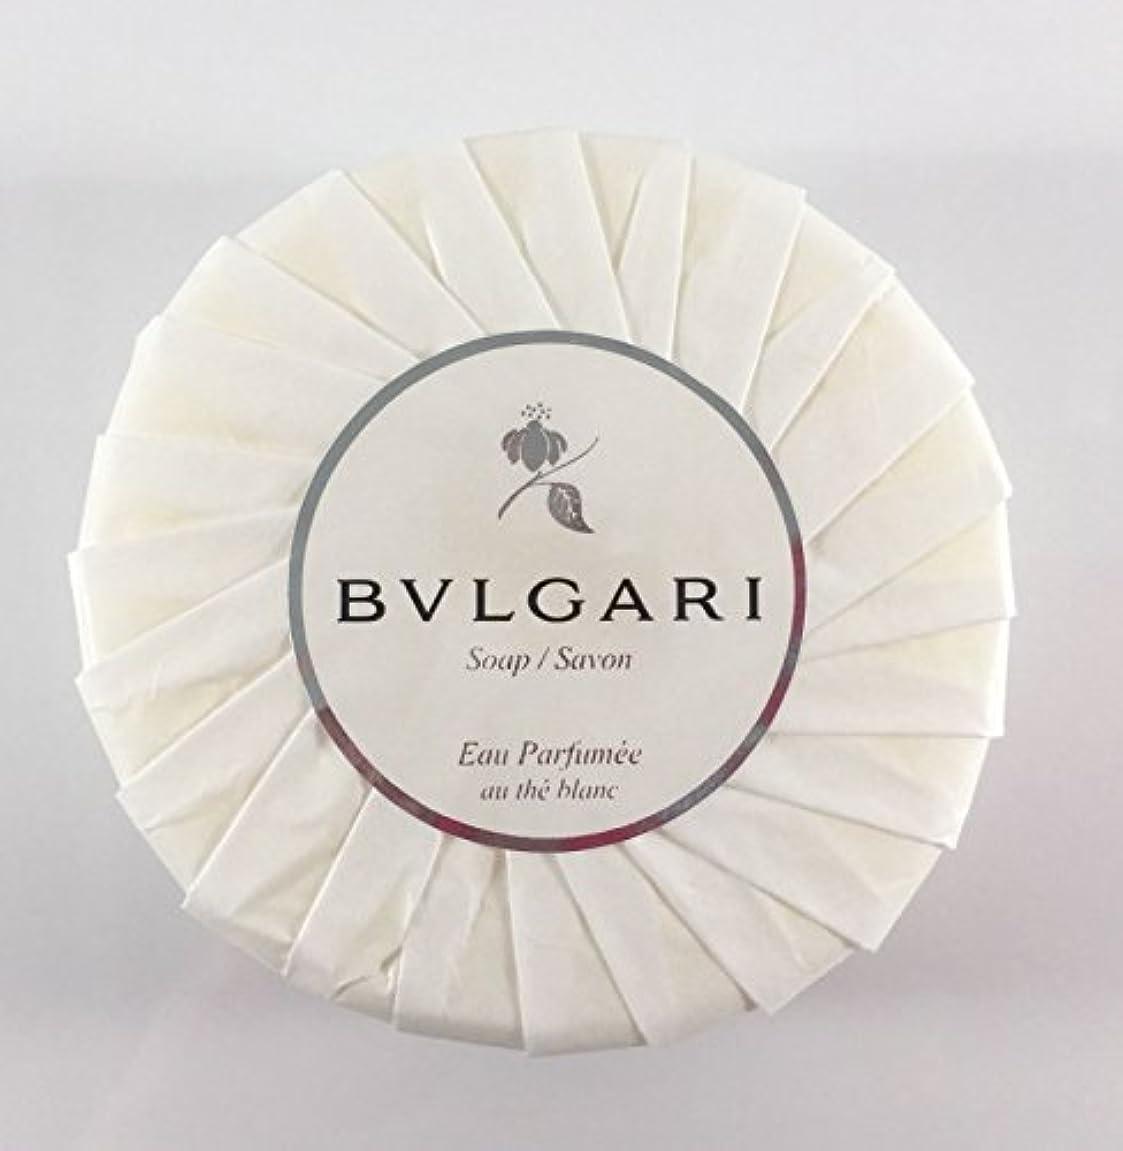 合唱団証拠甘いブルガリ オ?パフメ オーテブラン デラックスソープ150g BVLGARI Bvlgari Eau Parfumee au the blanc White Soap